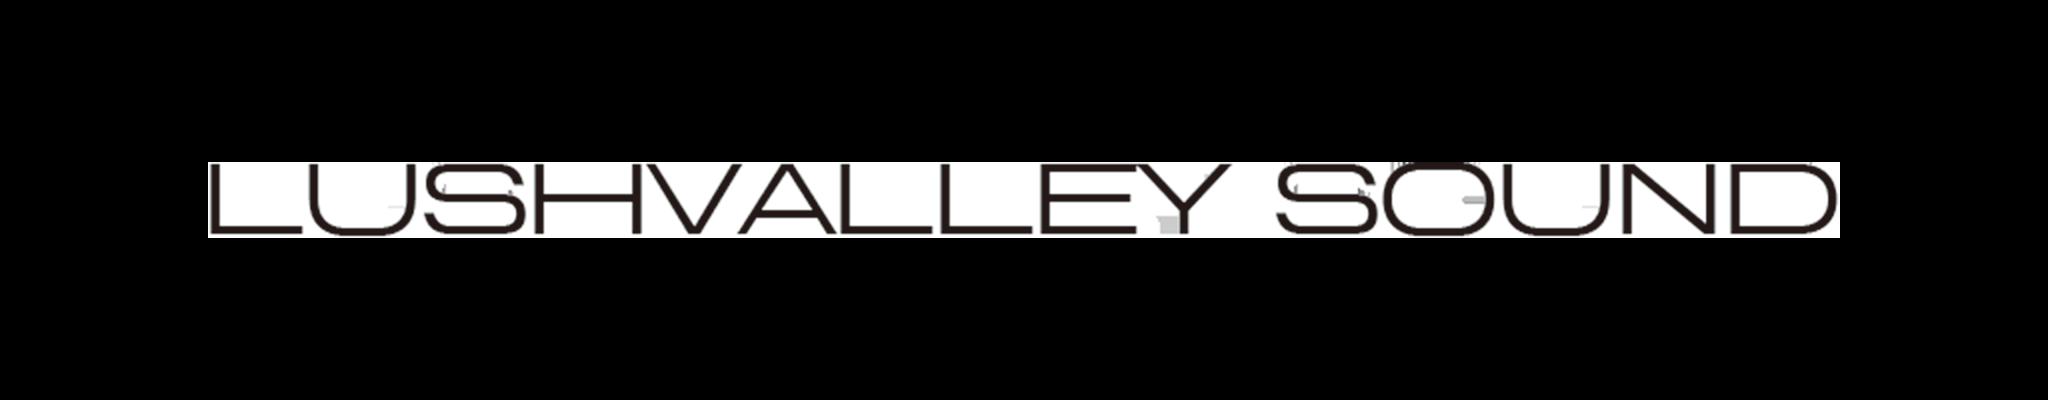 lushvalley sound